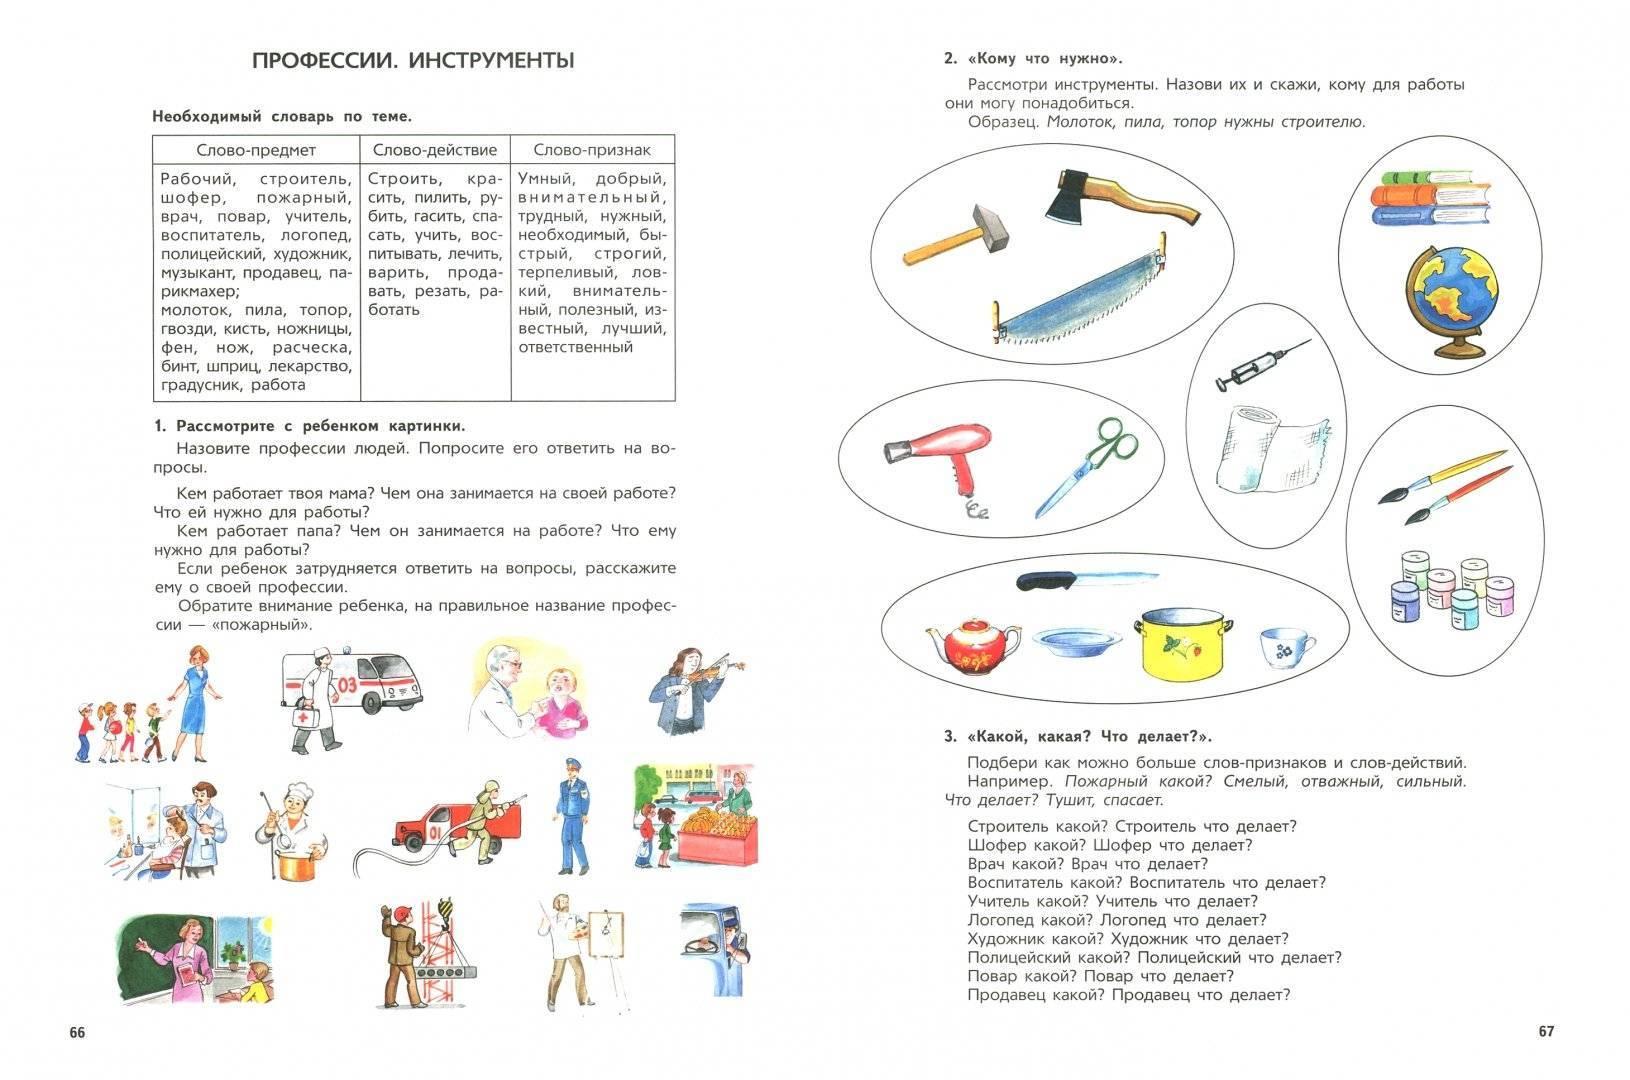 Логопедические занятия: примеры упражнений в домашних условиях